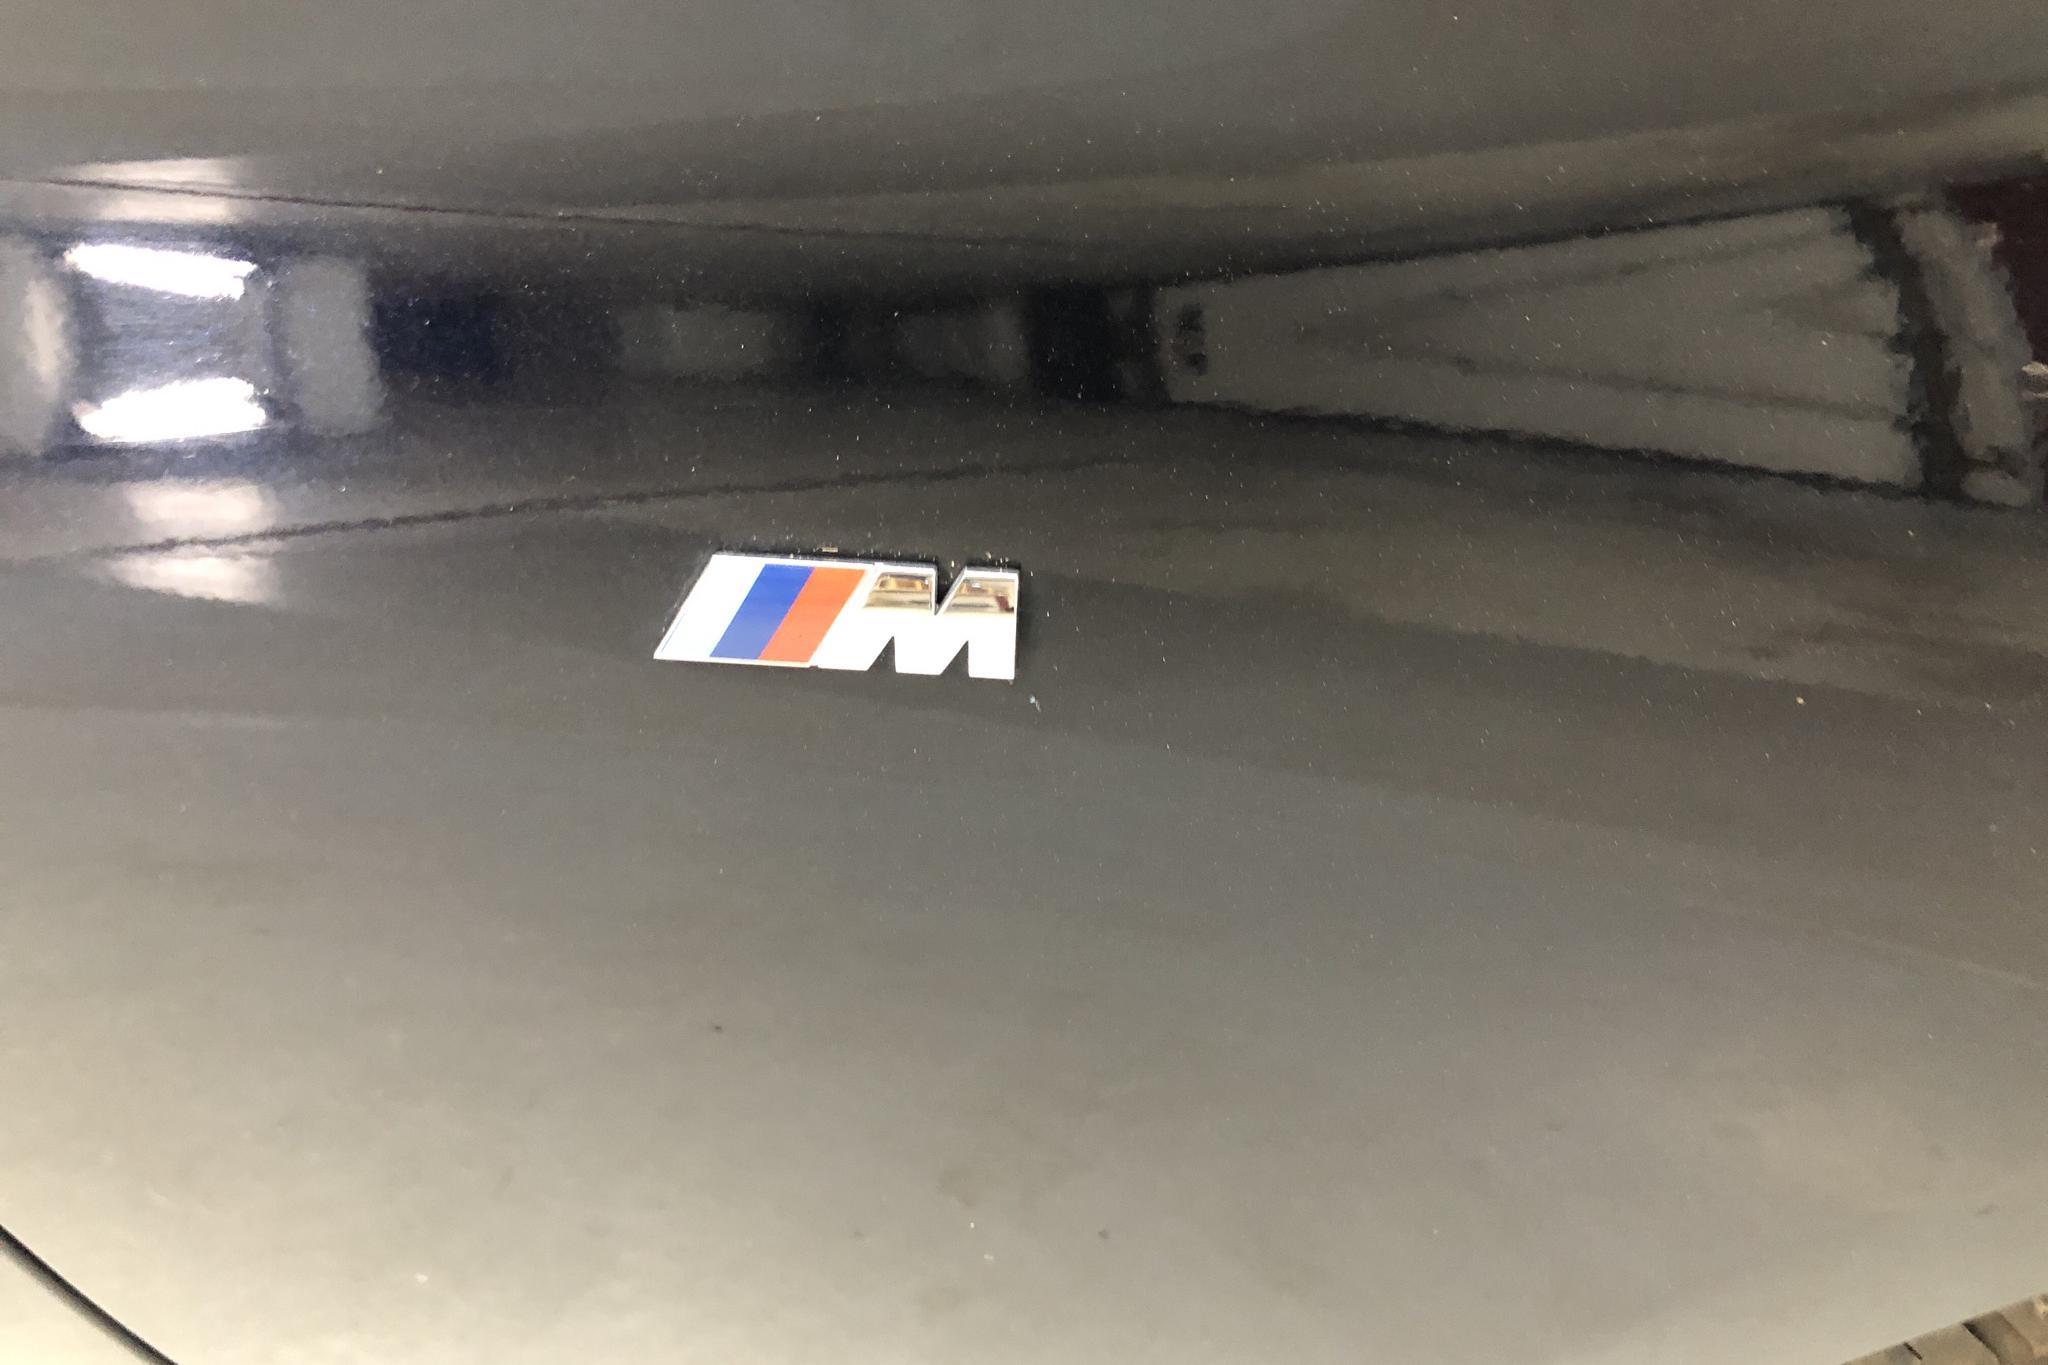 BMW 530d xDrive Touring, G31 (265hk) - 7 393 mil - Automat - svart - 2018